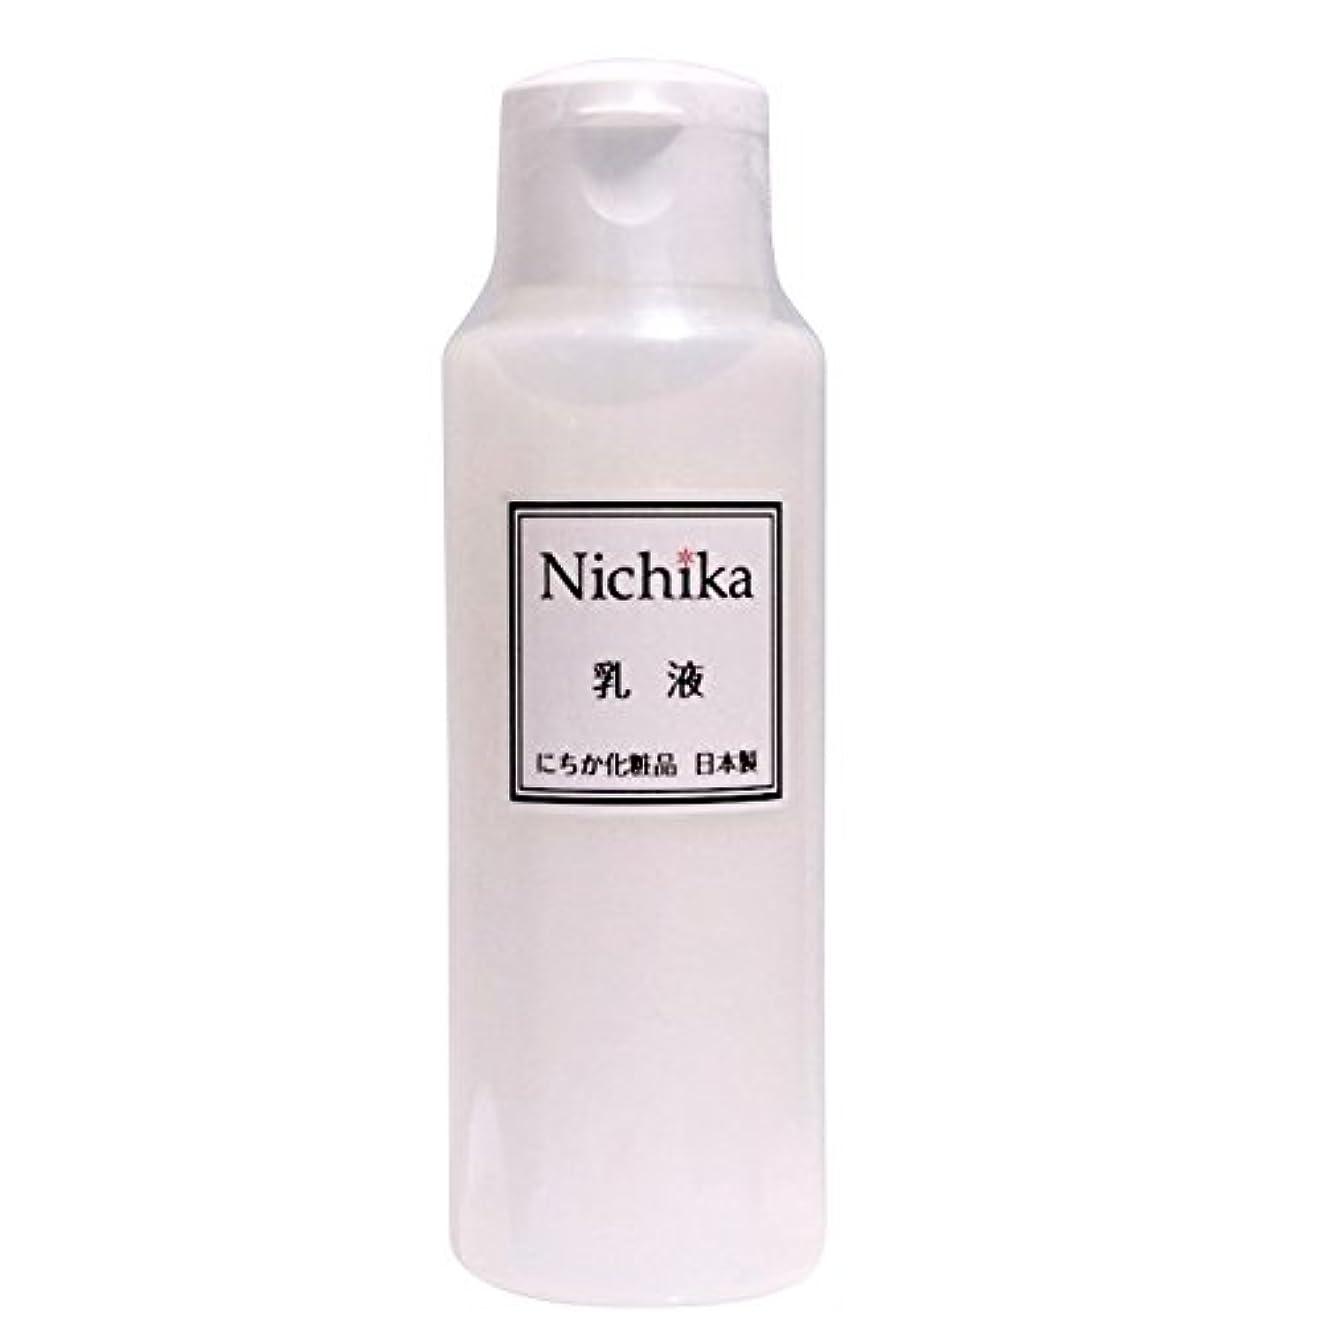 気づくなる困惑したほのめかすにちか乳液 内容量100ml 日本製 『ワンランク上の潤いハリ肌』を『リーズナブル』に。  ヒアルロン酸の1.3倍の保水力があるプロテオグリカン配合。 素早く水分と油分の膜を作り、うるおい成分を肌に届け 水分と油分のバランス...